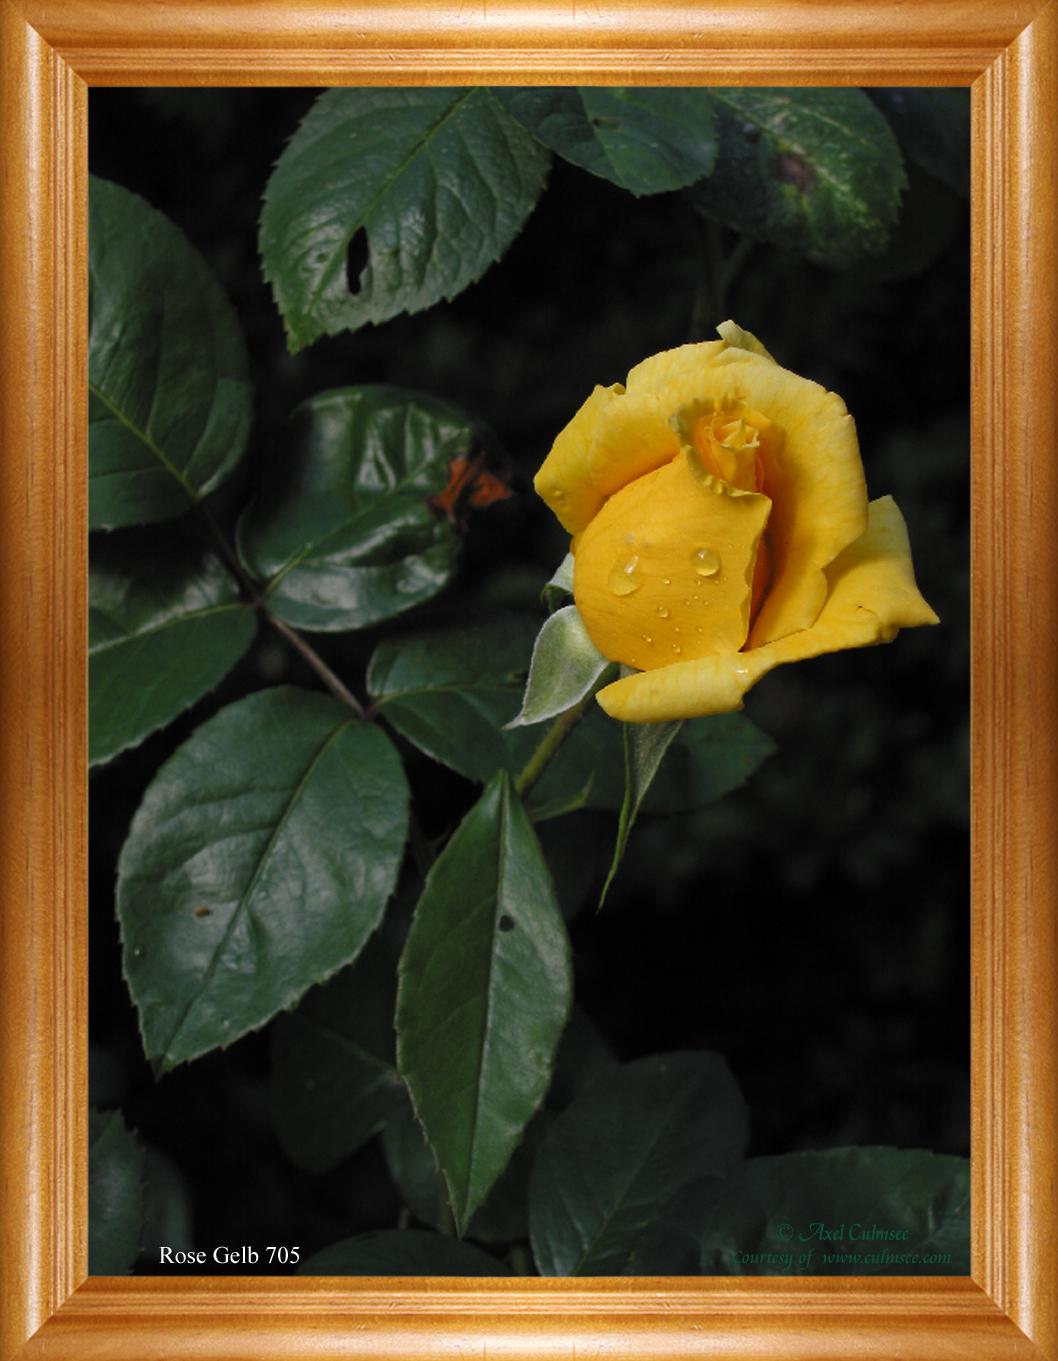 Rose Gelb 705